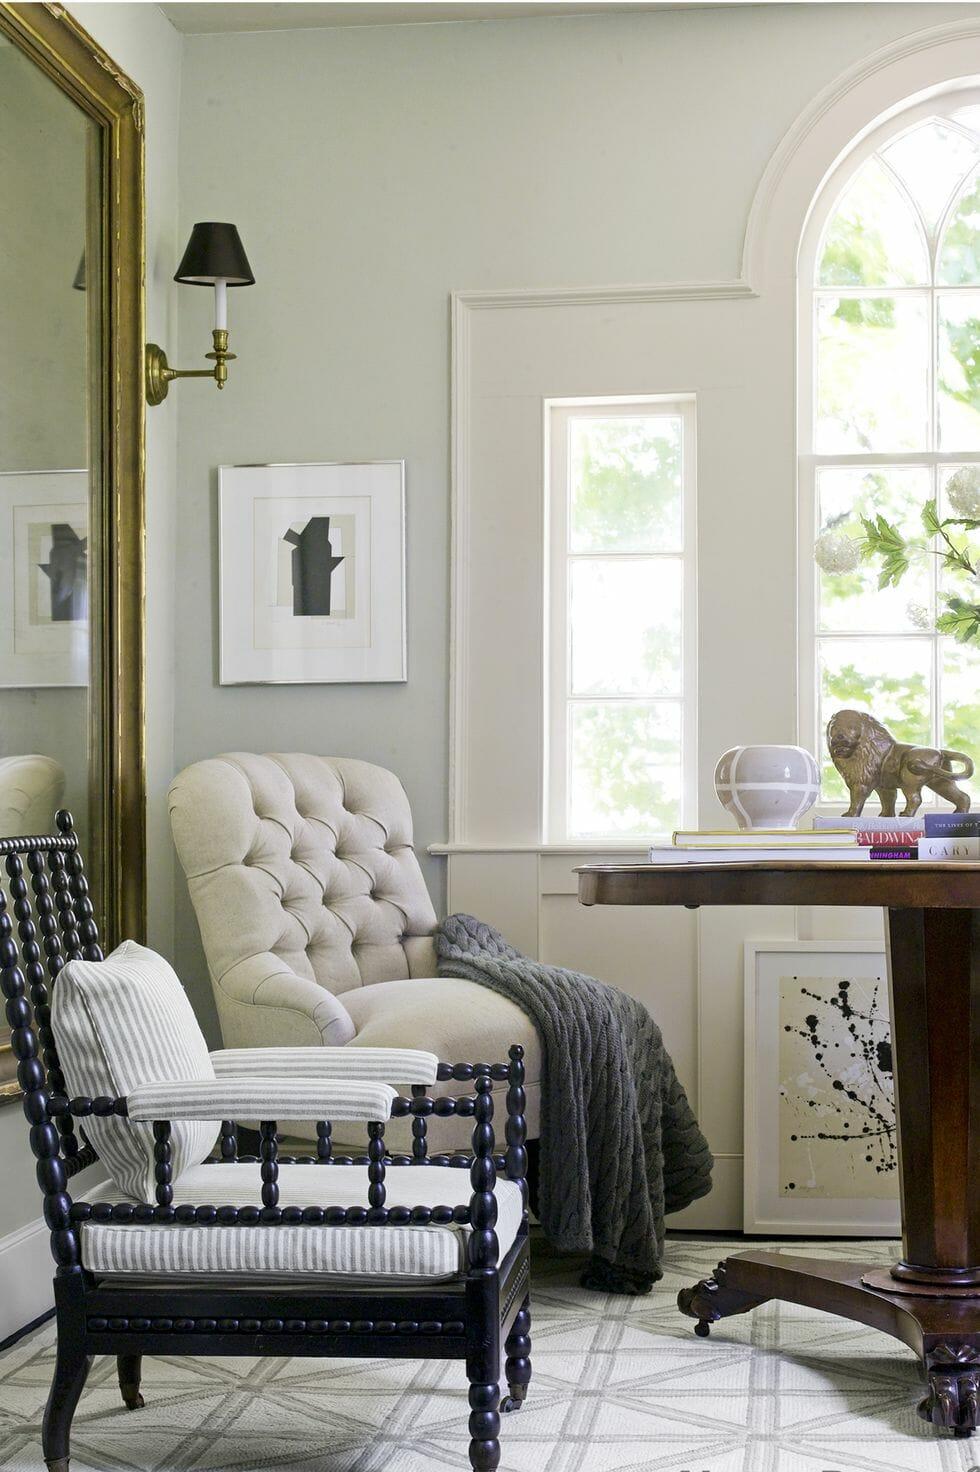 hình ảnh góc thư giãn bên cửa sổ kính lớn với ghế bành, sơn tường màu xanh xám, chăn màu rêu